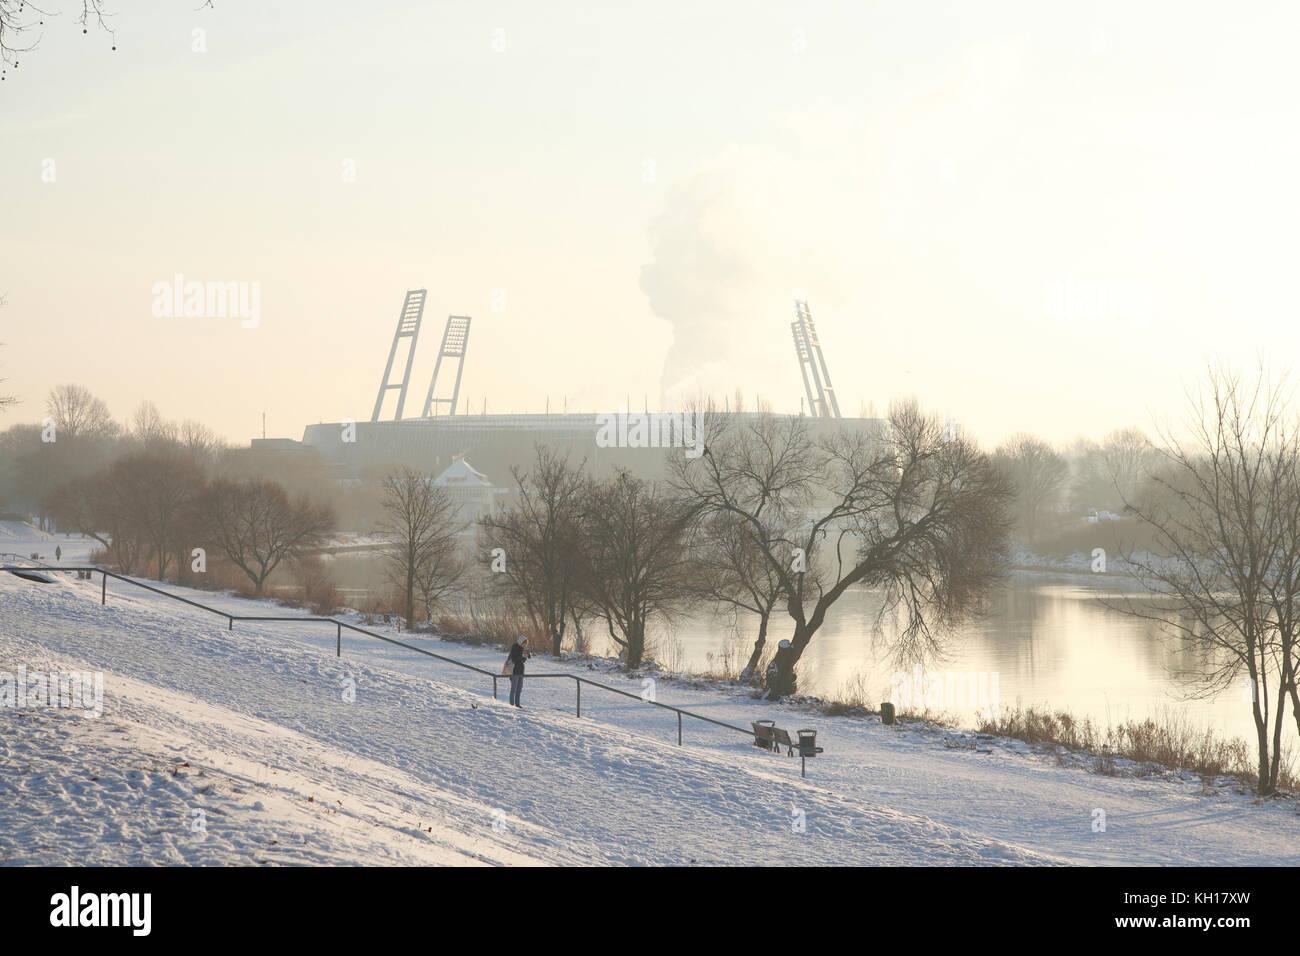 Weserstadion Football Stadium in Winter, Bremen, Germany, Europe I Weserstadion mit Weser und Osterdeich im Winter - Stock Image